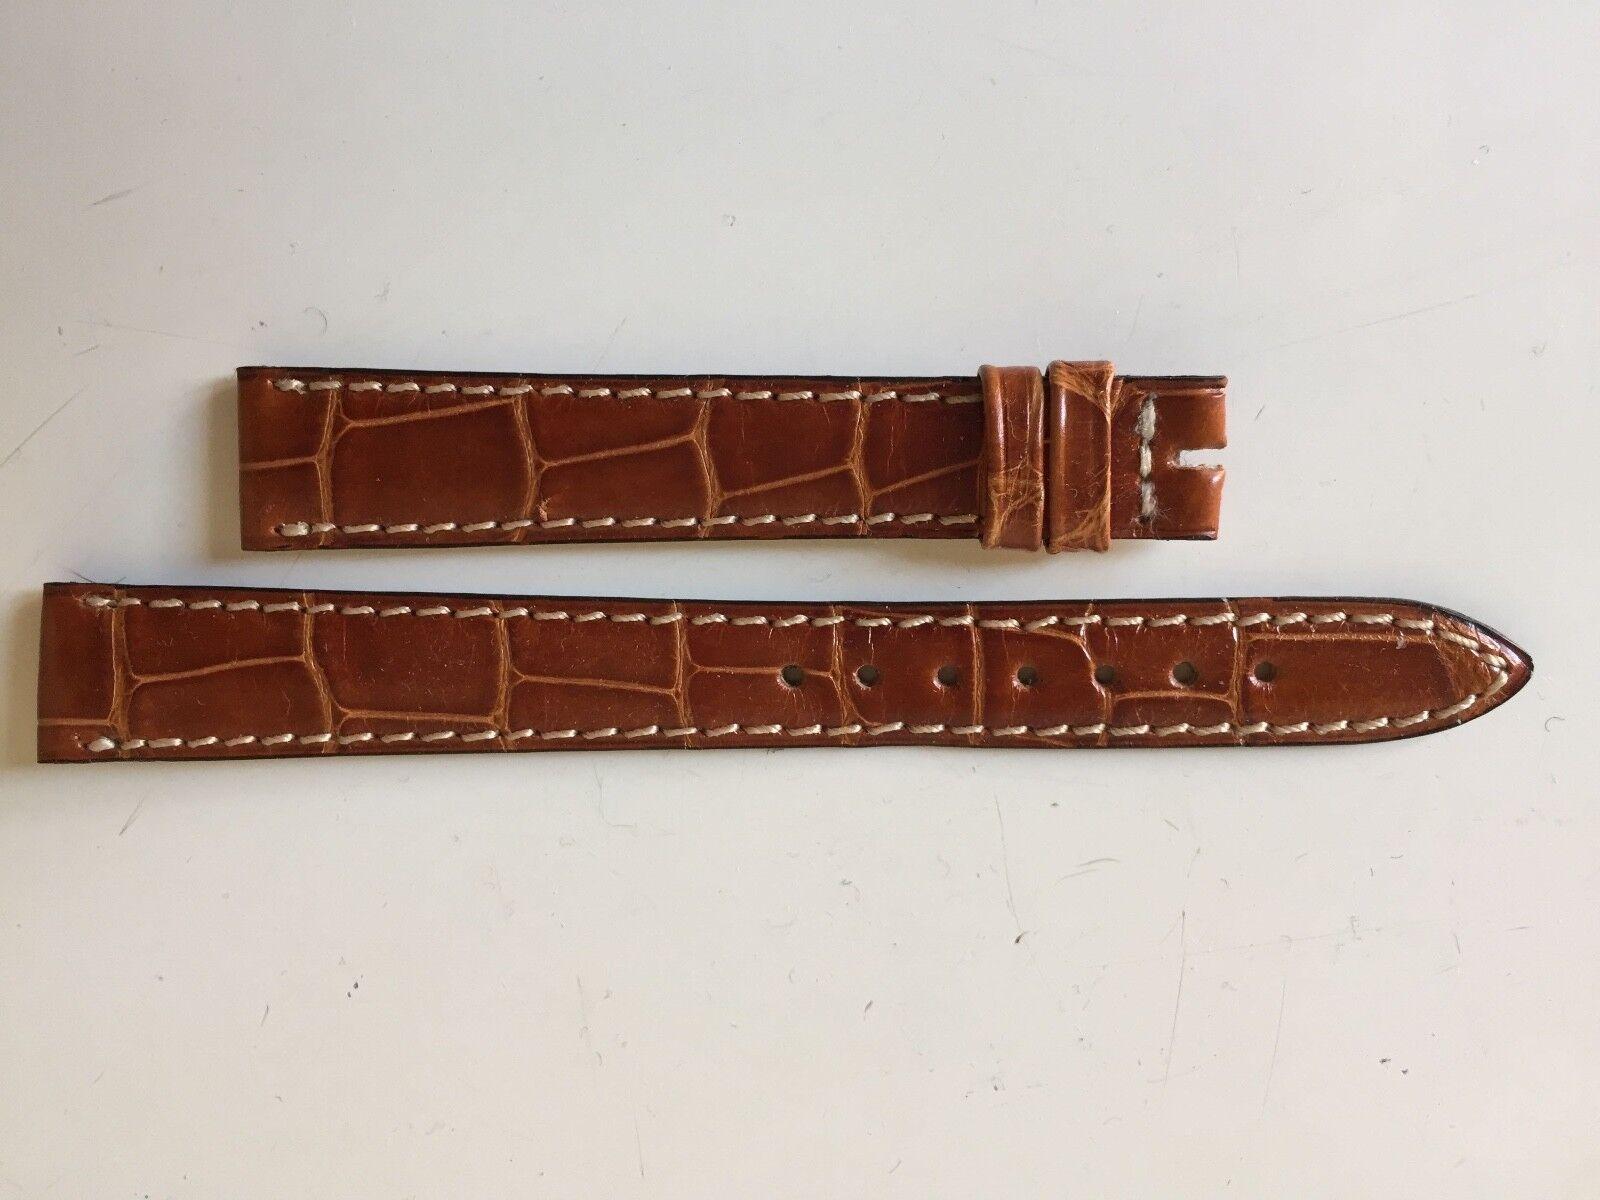 Jaeger-LeCoultre Reverso Uhrenarmband Krokodilleder Braun 14/12 mm